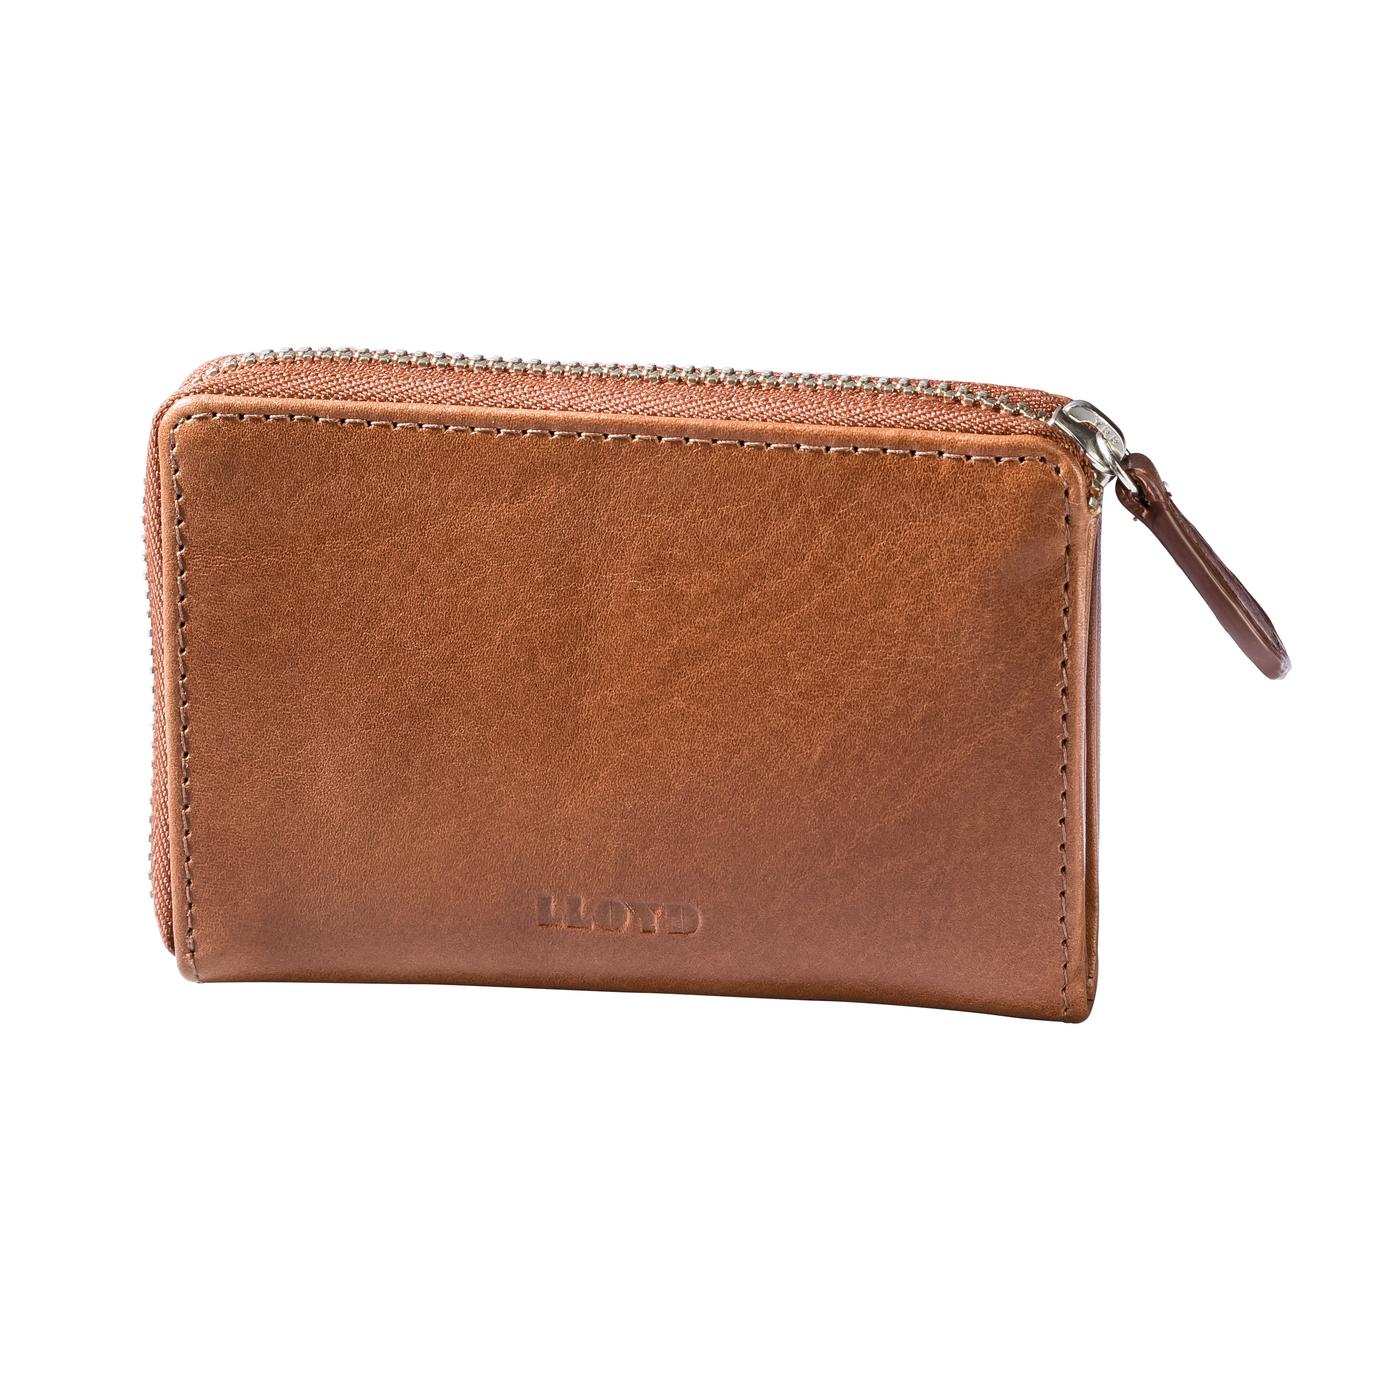 Schlüsseletui | Accessoires > Portemonnaies > Schlüsseltaschen | Lloyd